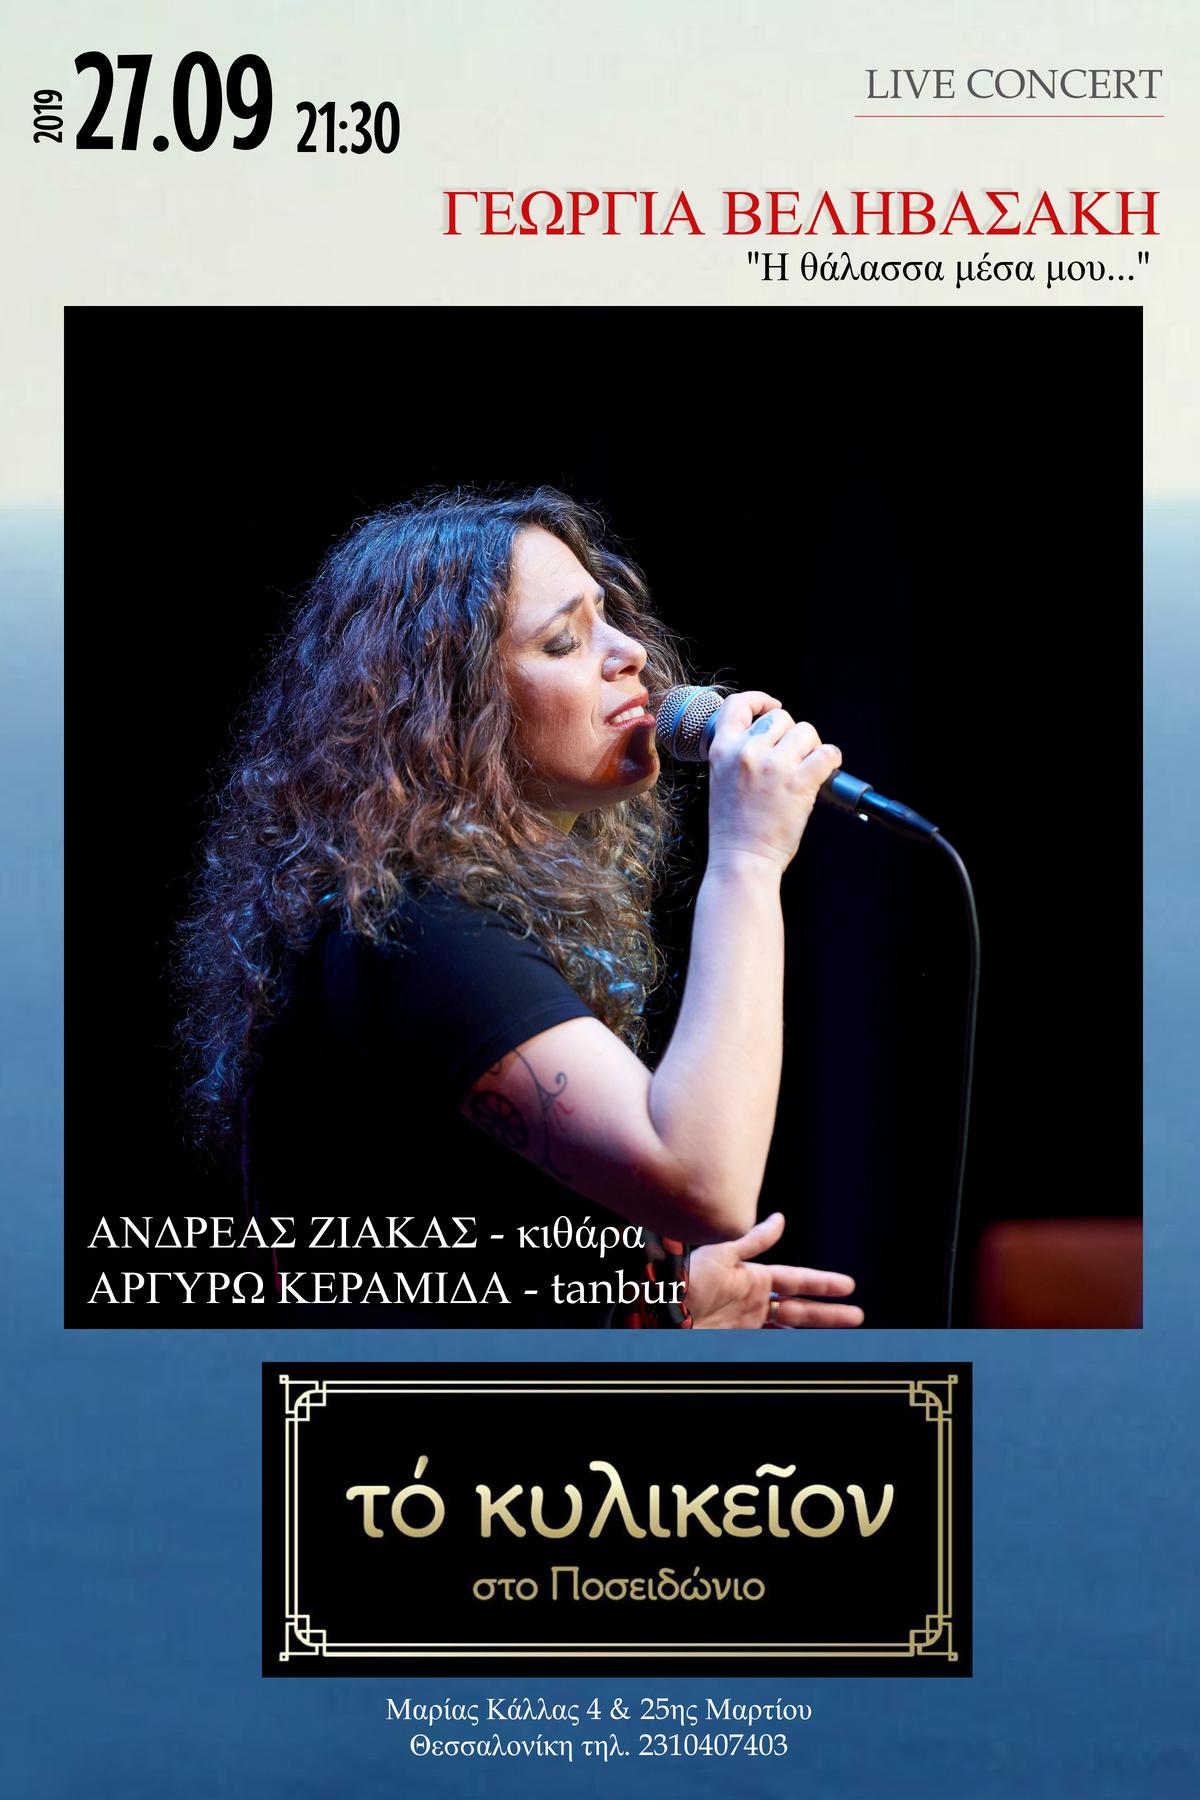 Γεωργία Βεληβασάκη - Live Concert